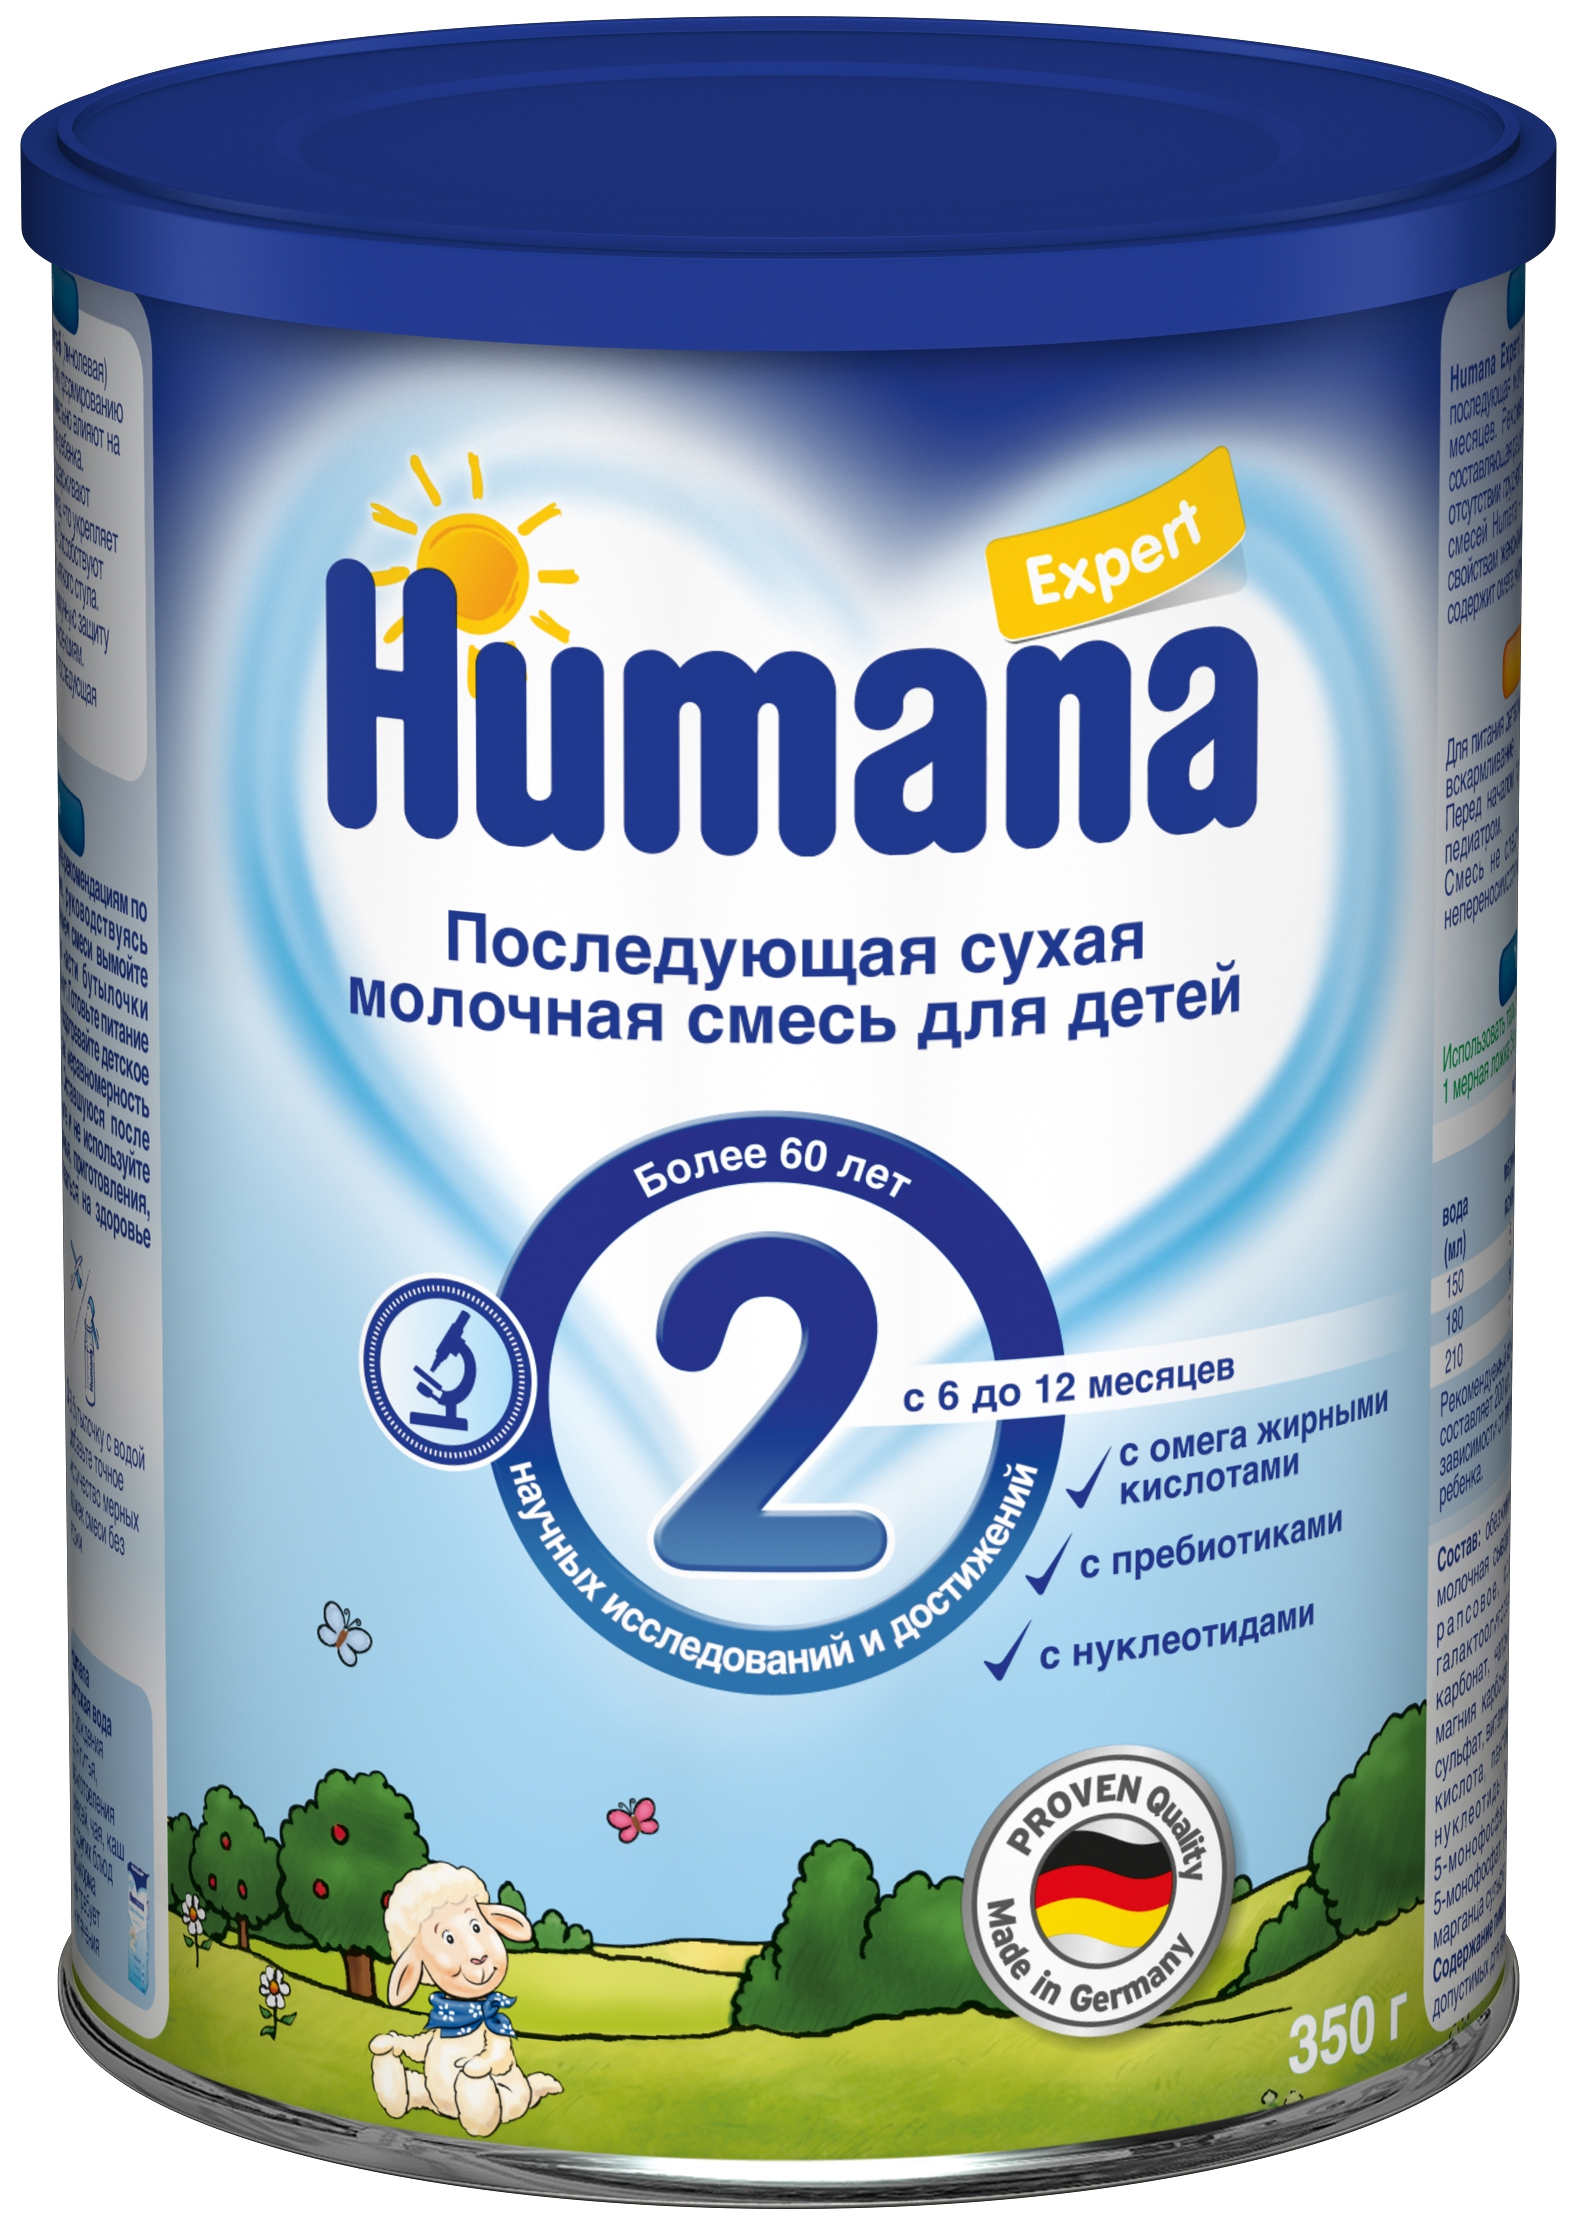 Сухие Хумана Молочная смесь Humana Expert-2 с 6 мес. 350 г молочные смеси nuppi gold 2 сухая молочная смесь от 6 до 12 мес 350 г